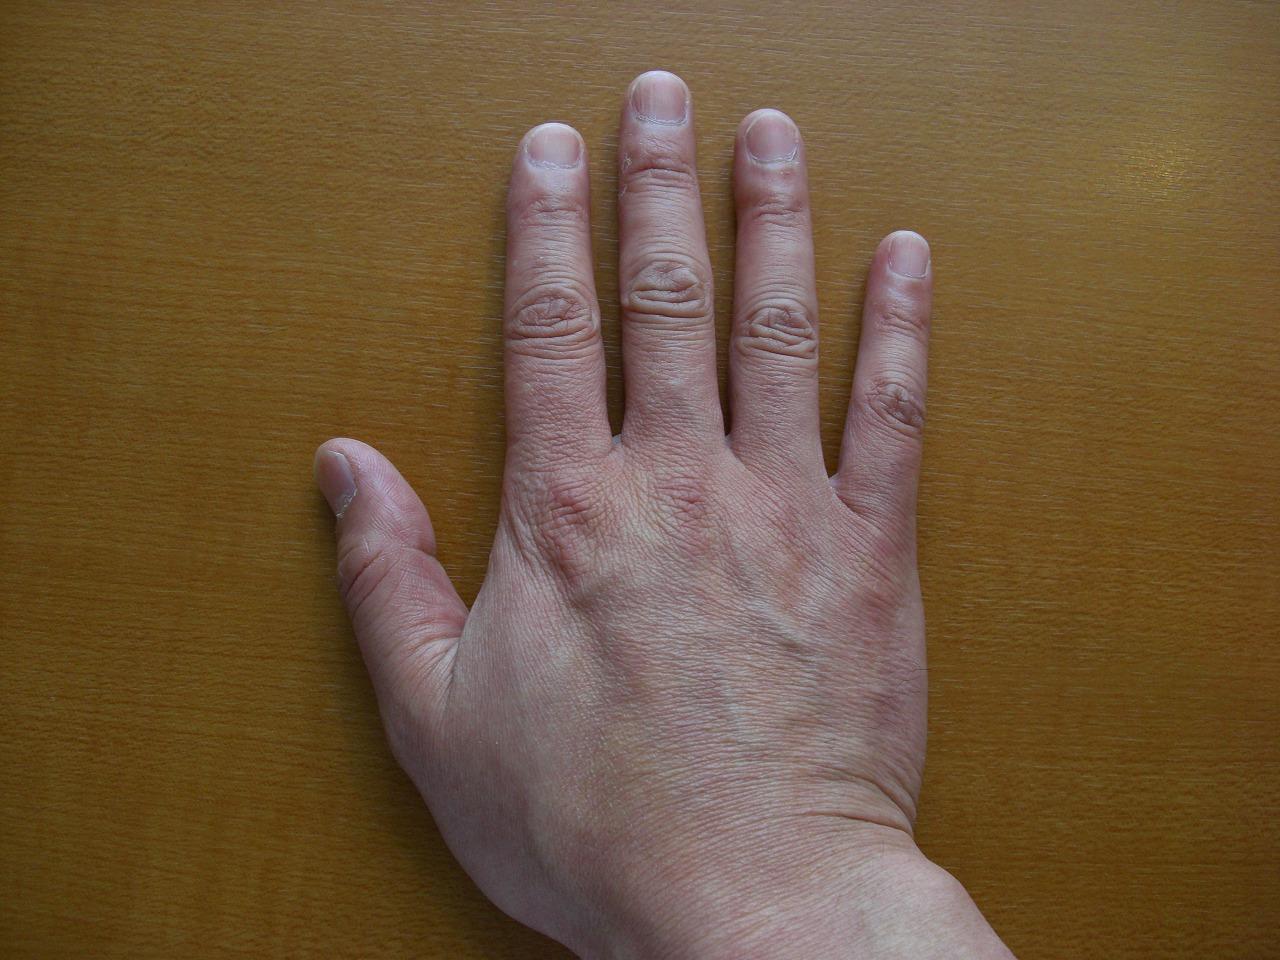 65歳 頬の毛細血管拡張